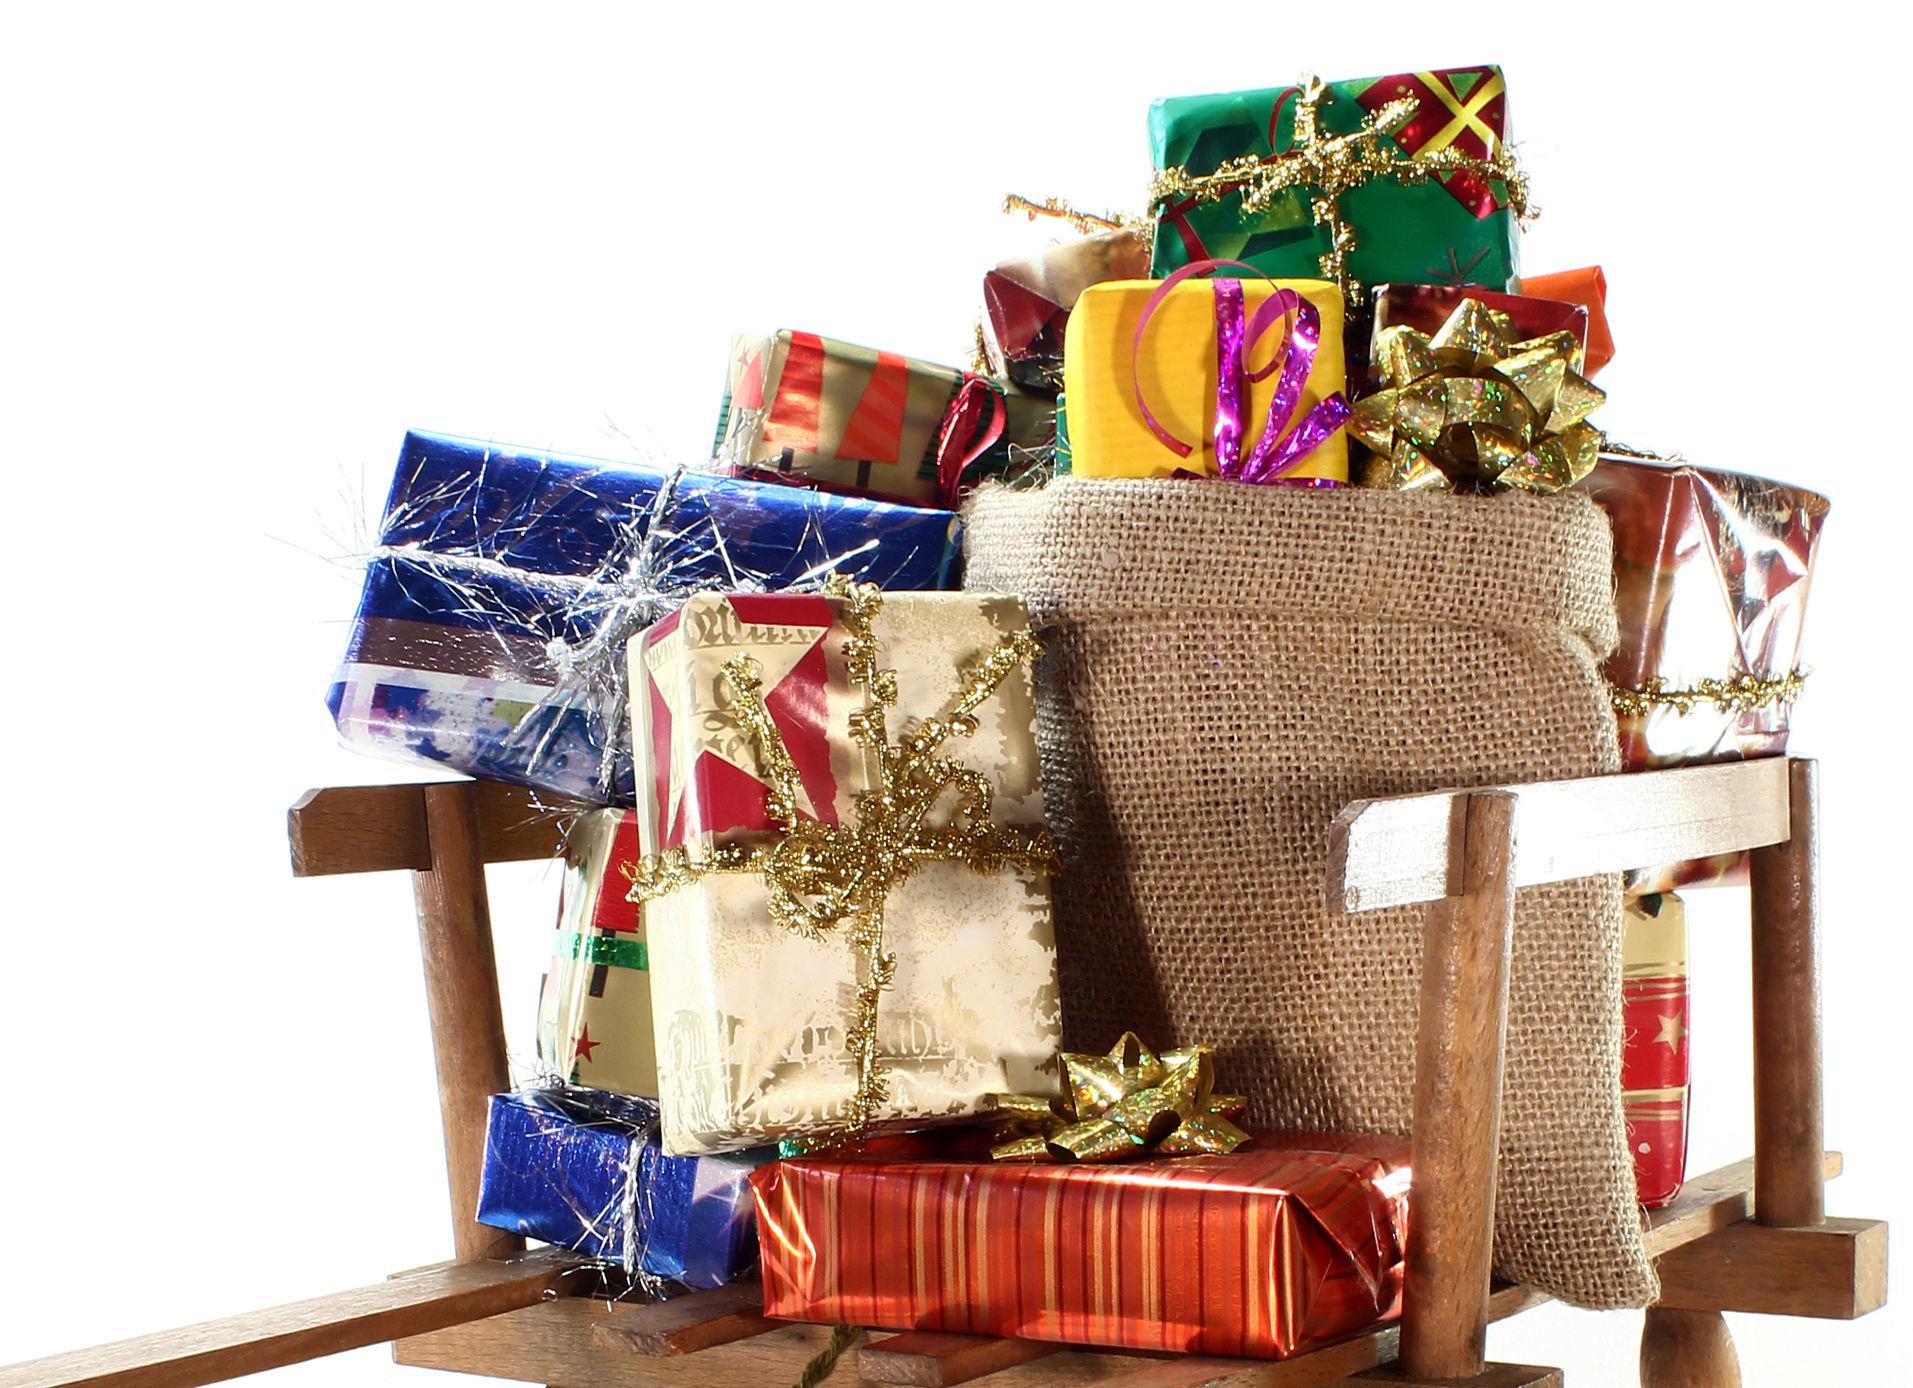 weihnachtsgeschenke mehr als ein viertel wird online gekauft. Black Bedroom Furniture Sets. Home Design Ideas